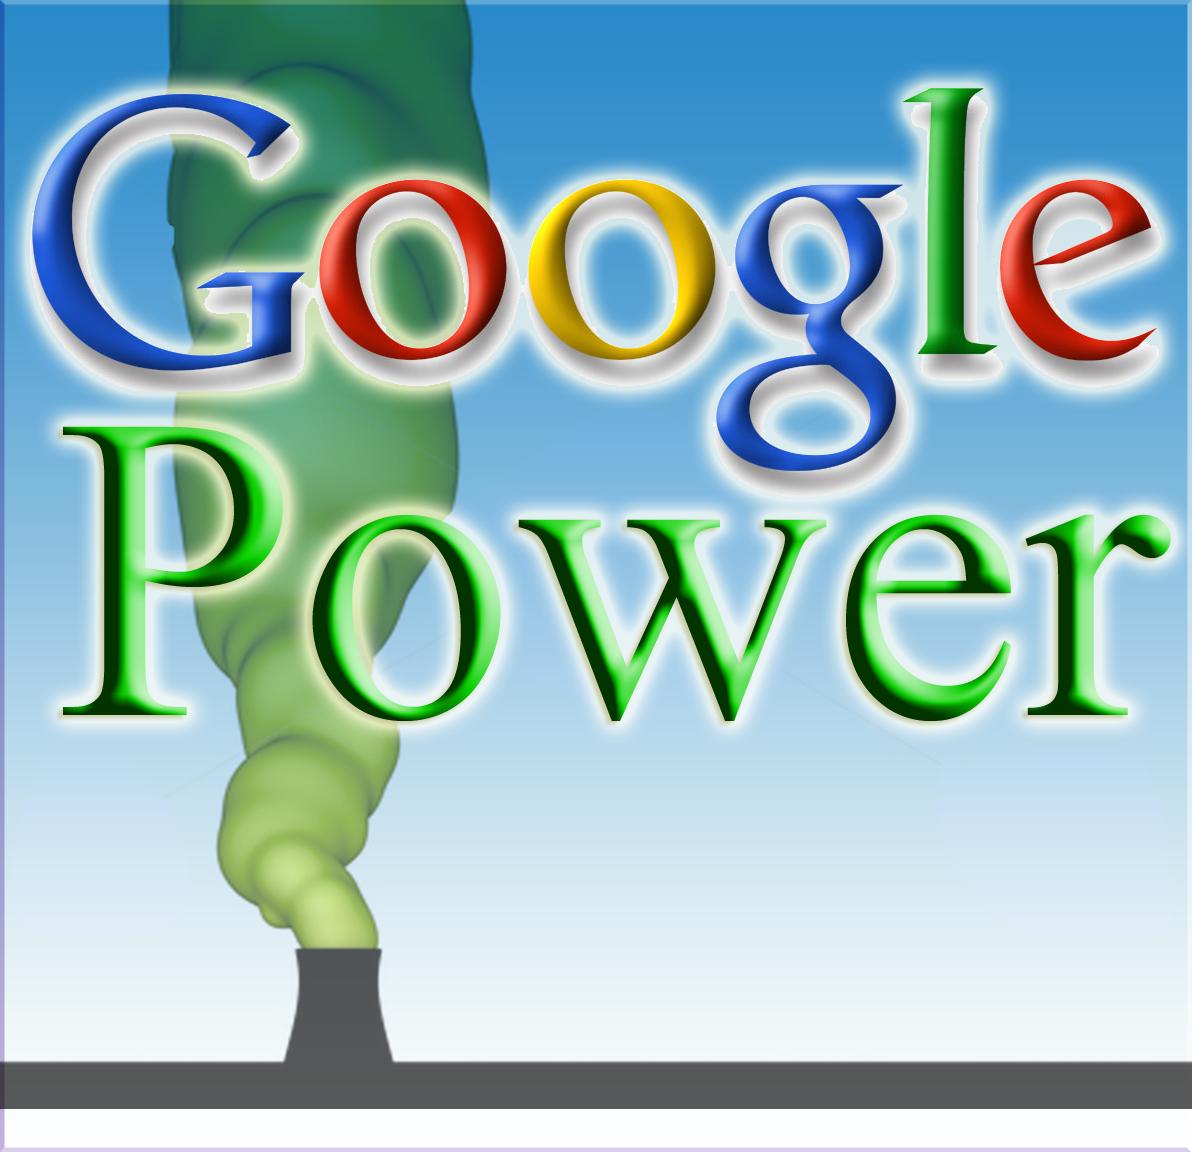 Google+copy.png